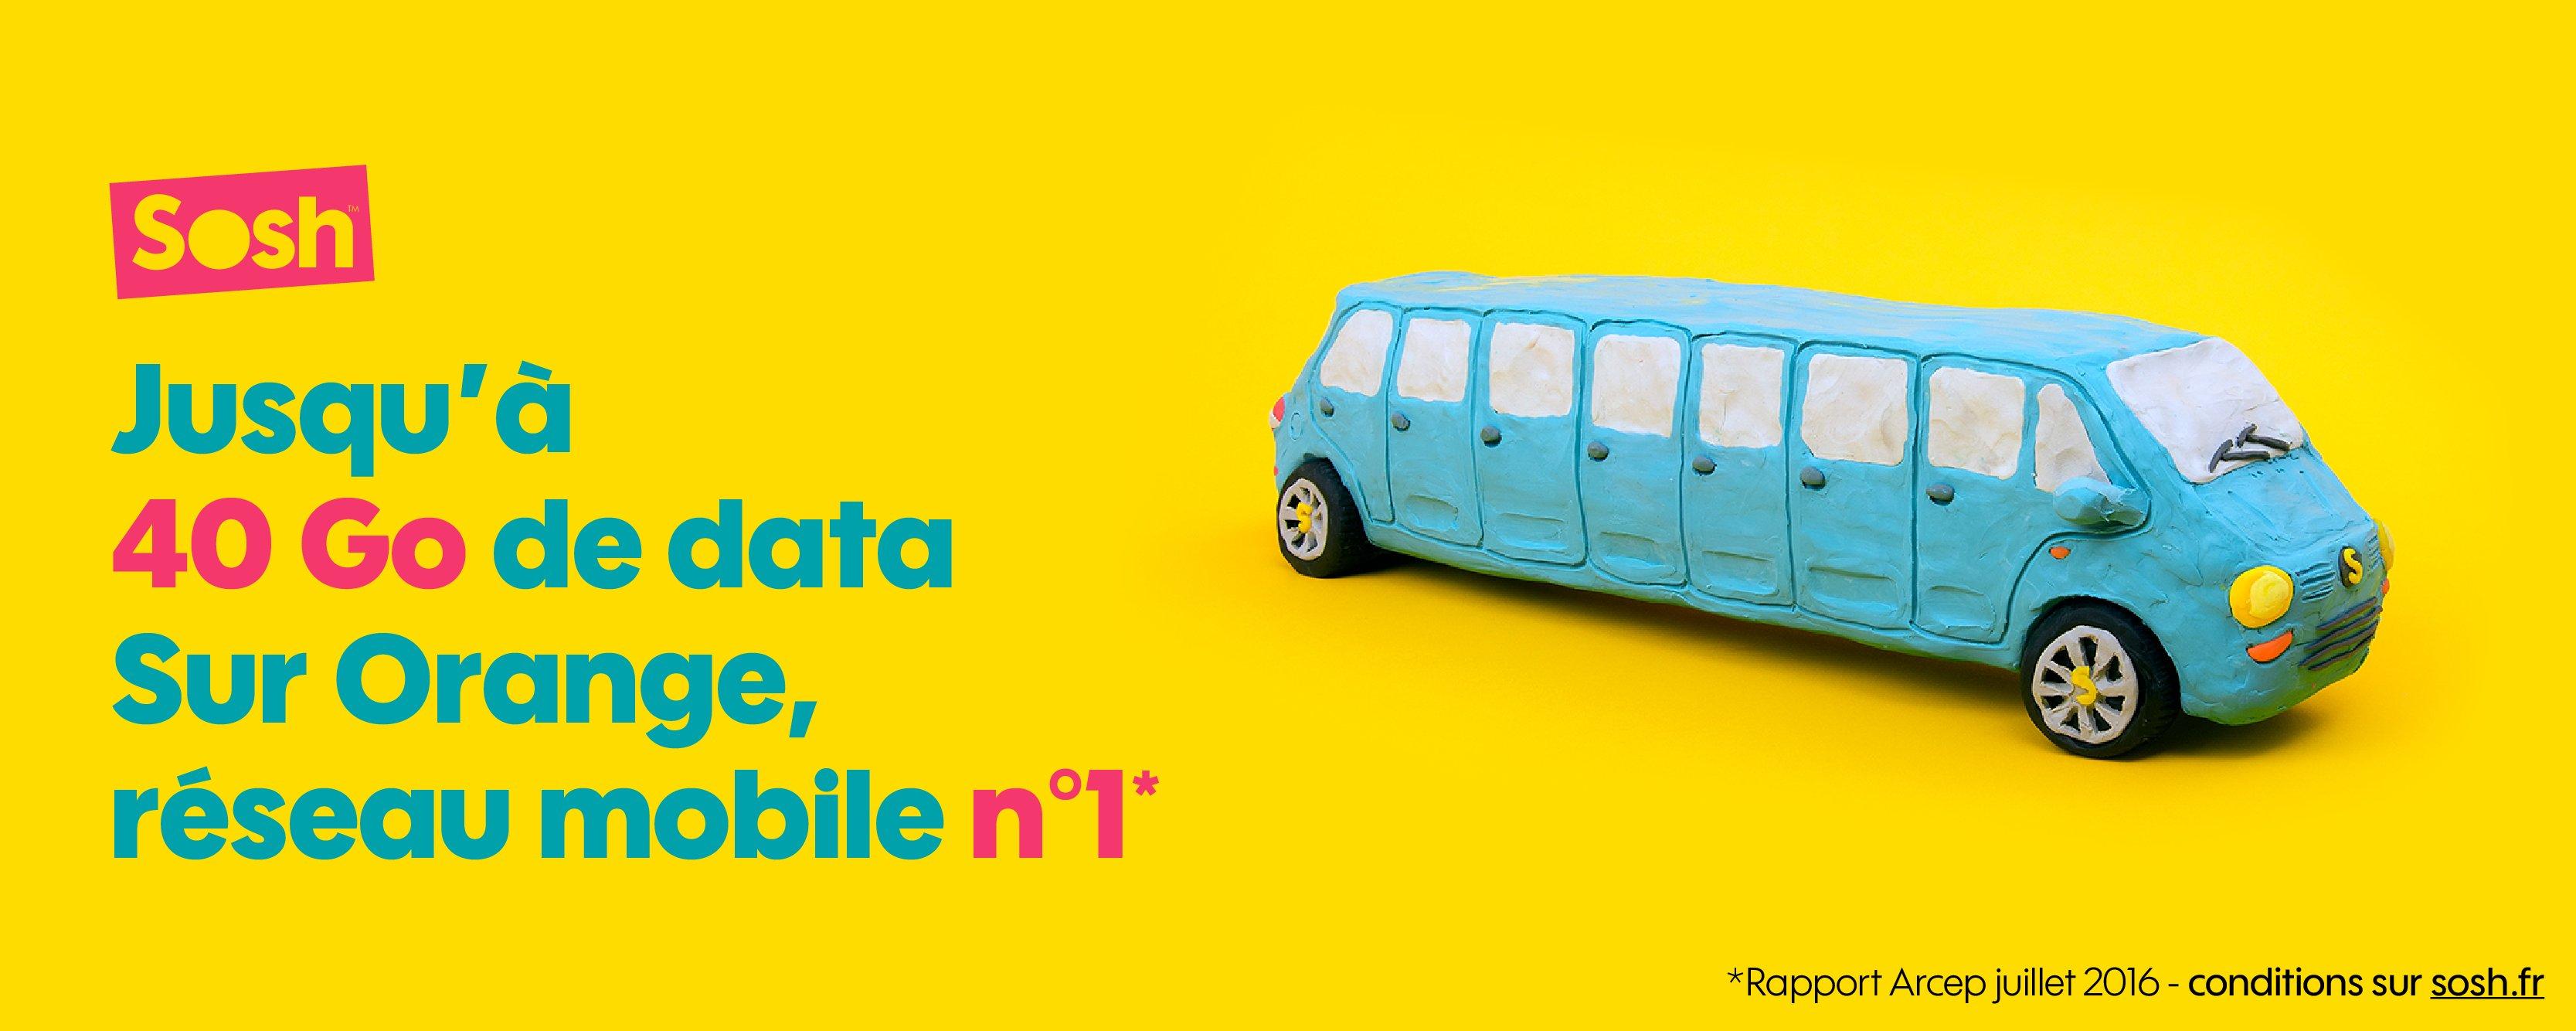 Orange augmente les quotas de data 4G pour ses forfaits Sosh, Play et Jet